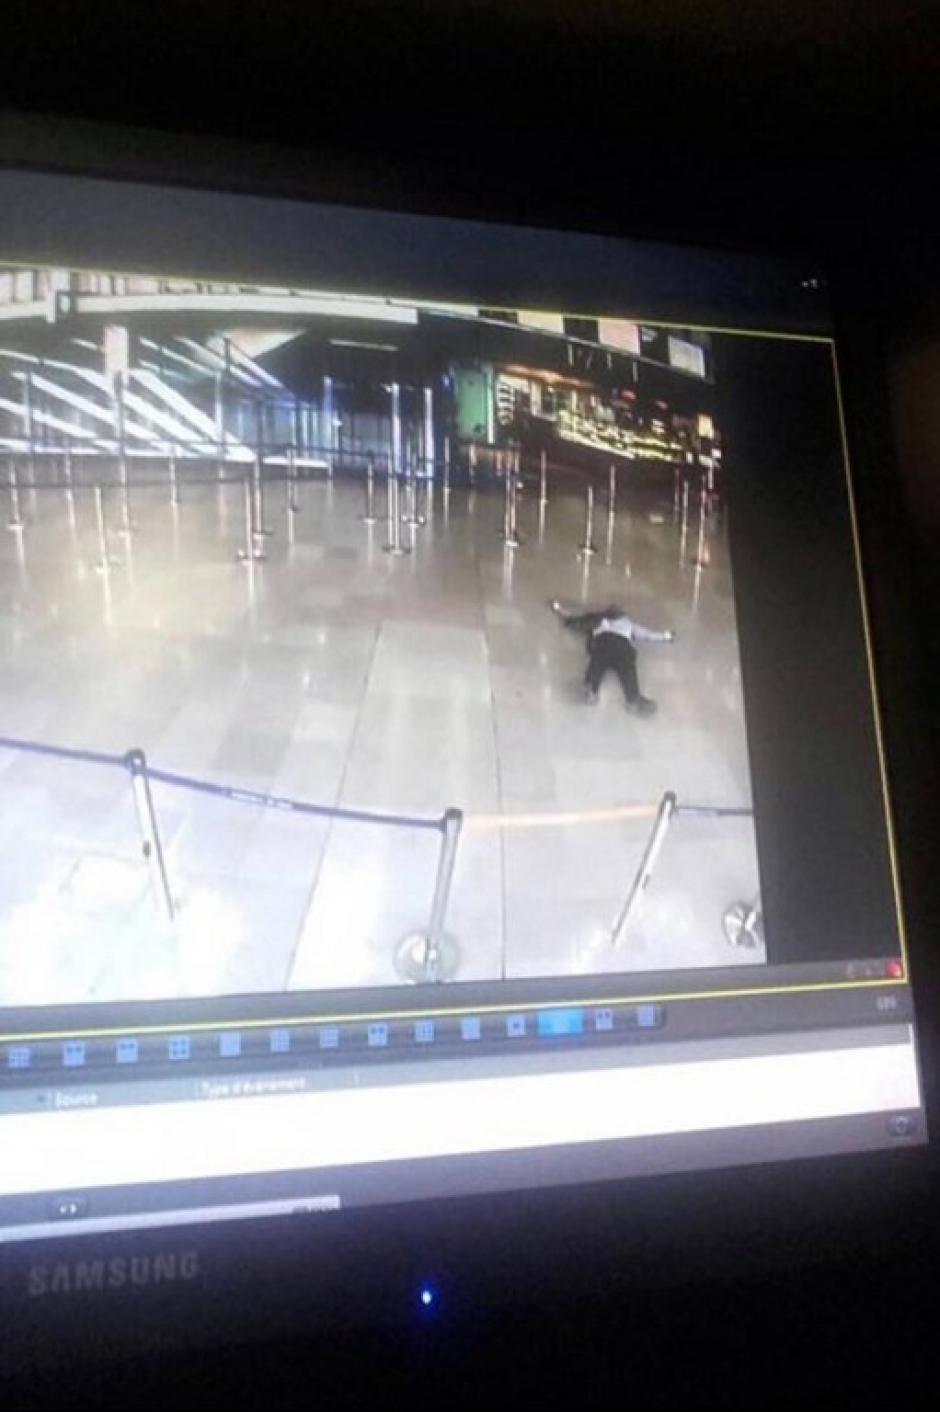 Un hombre intentó robar el arma a un elemento militar dentro de la terminal aérea. (Foto: AFP)